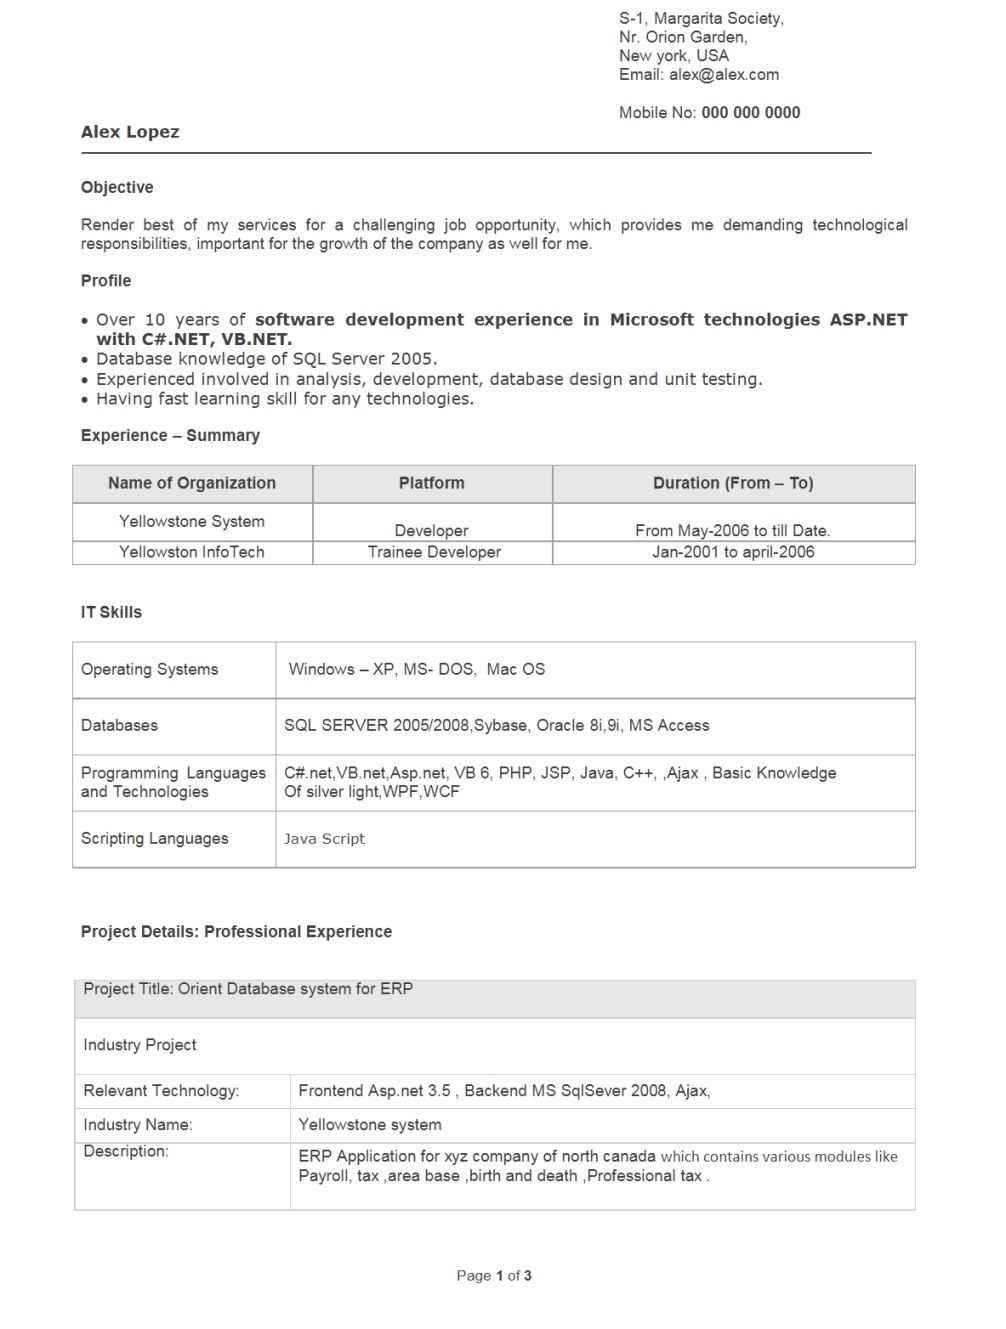 resume sample for fresh graduate